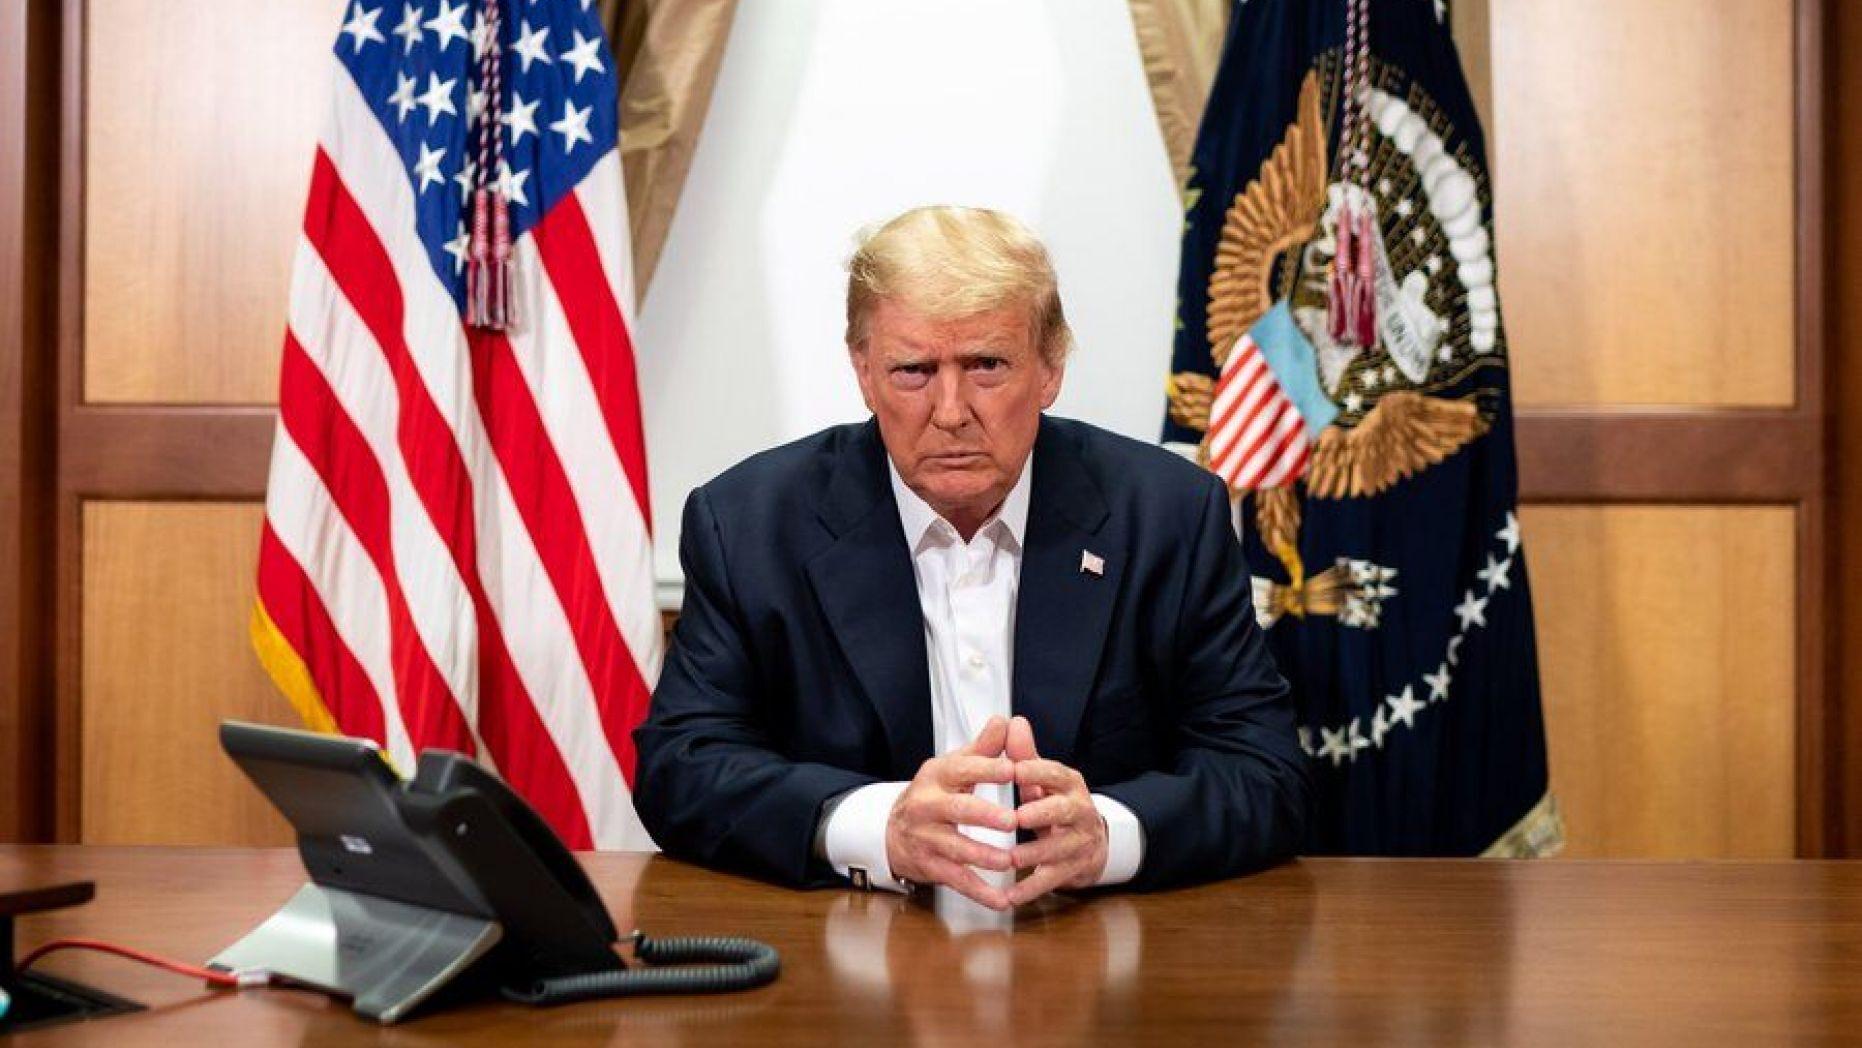 川普总统10月4日与副总统彭斯、国务卿蓬佩奥和参谋长联席会议主席米勒将军召开视讯会议。(白宫图片)